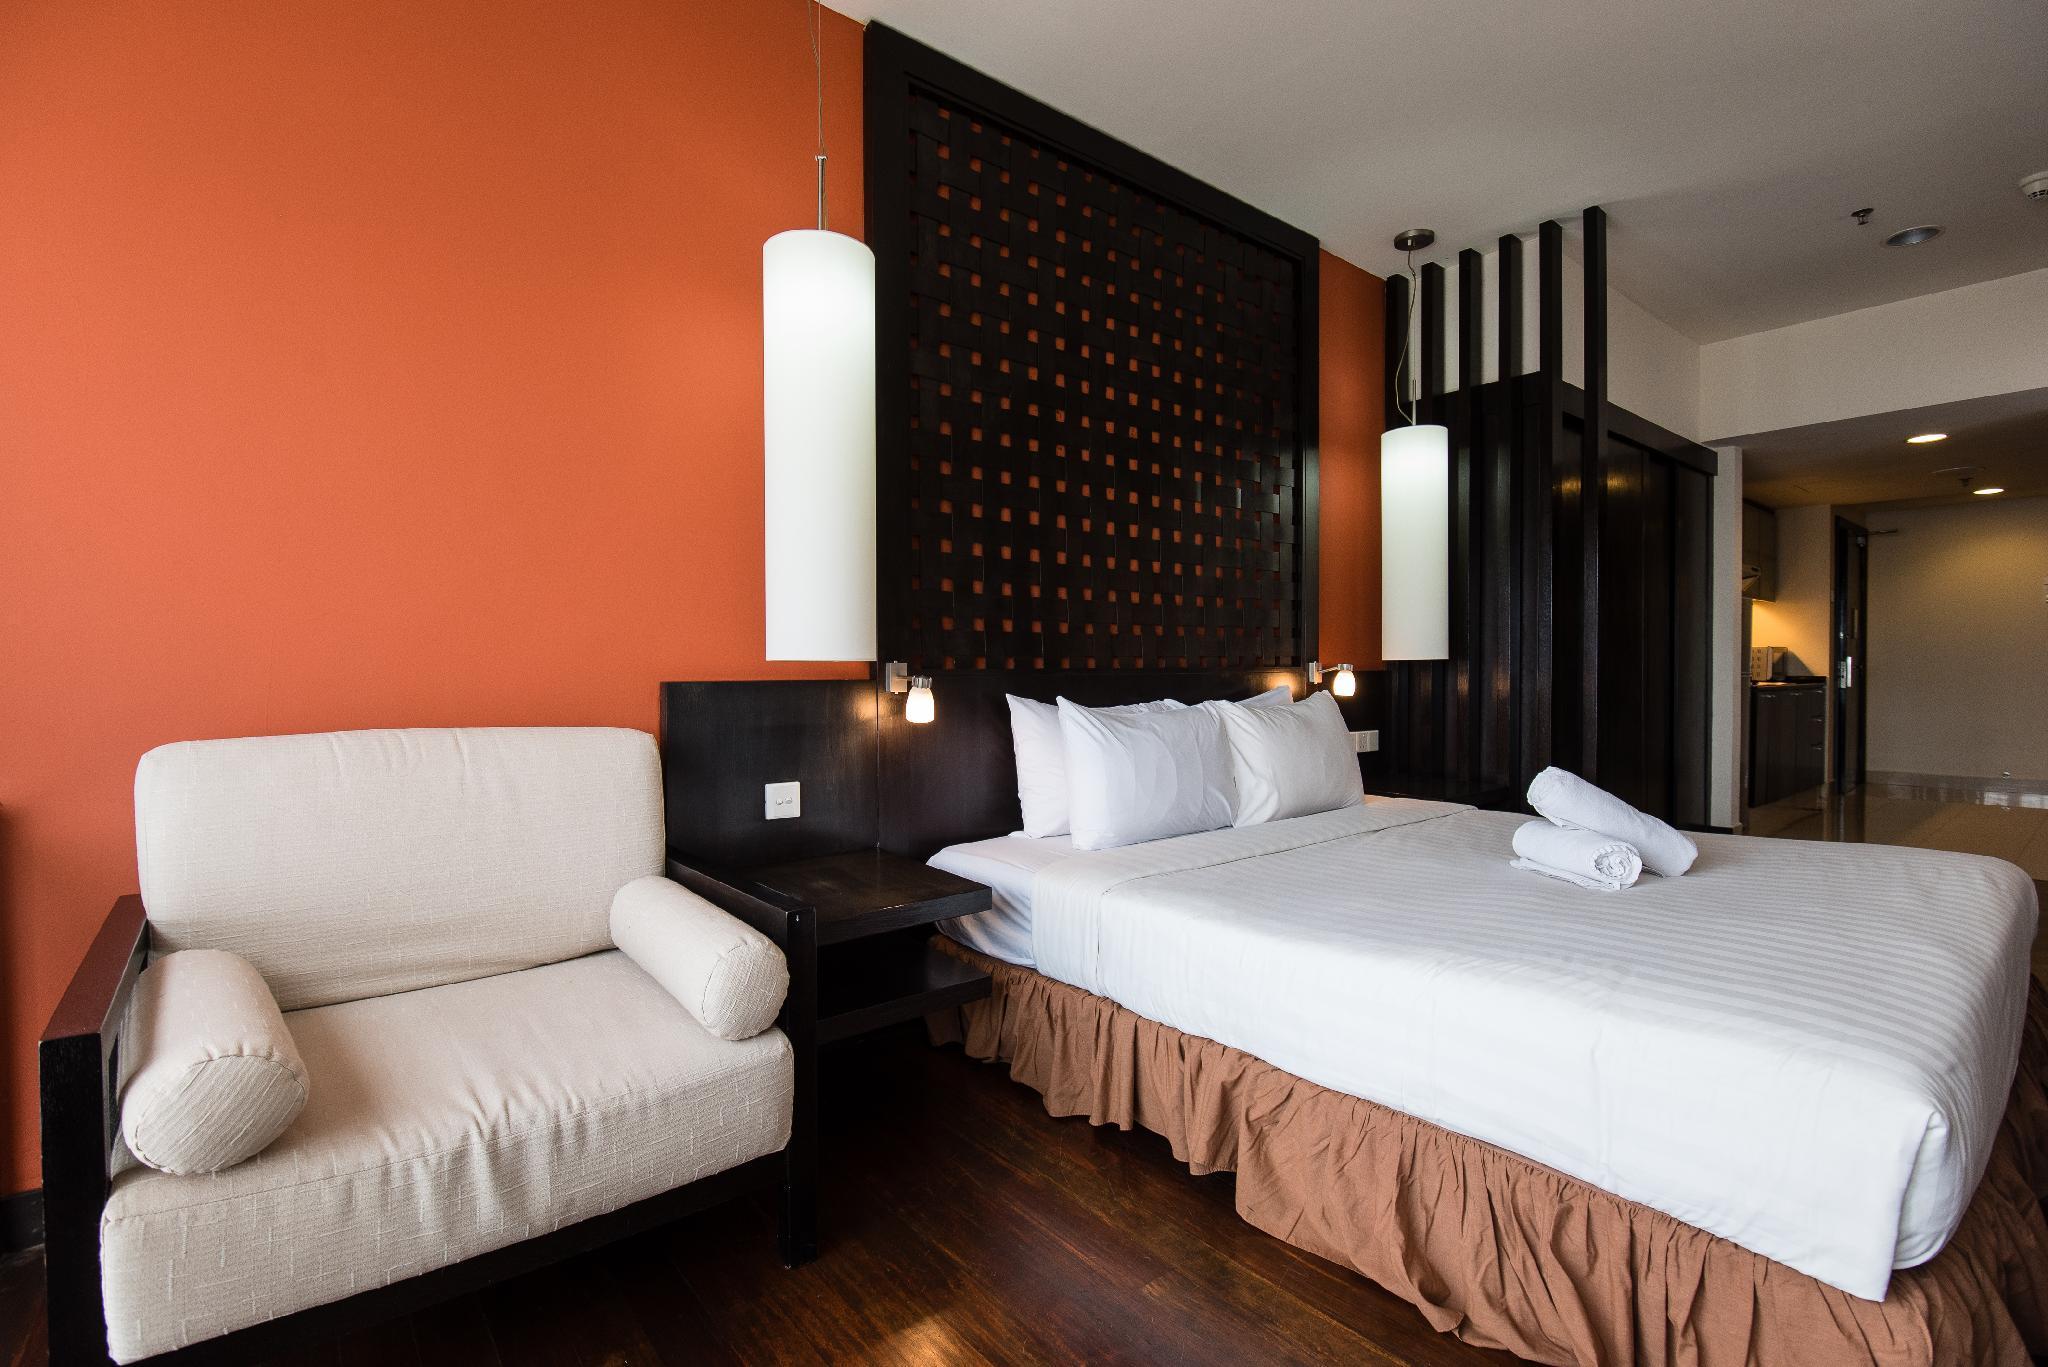 Raintree Resort suites at Bandar Sunway, Kuala Lumpur